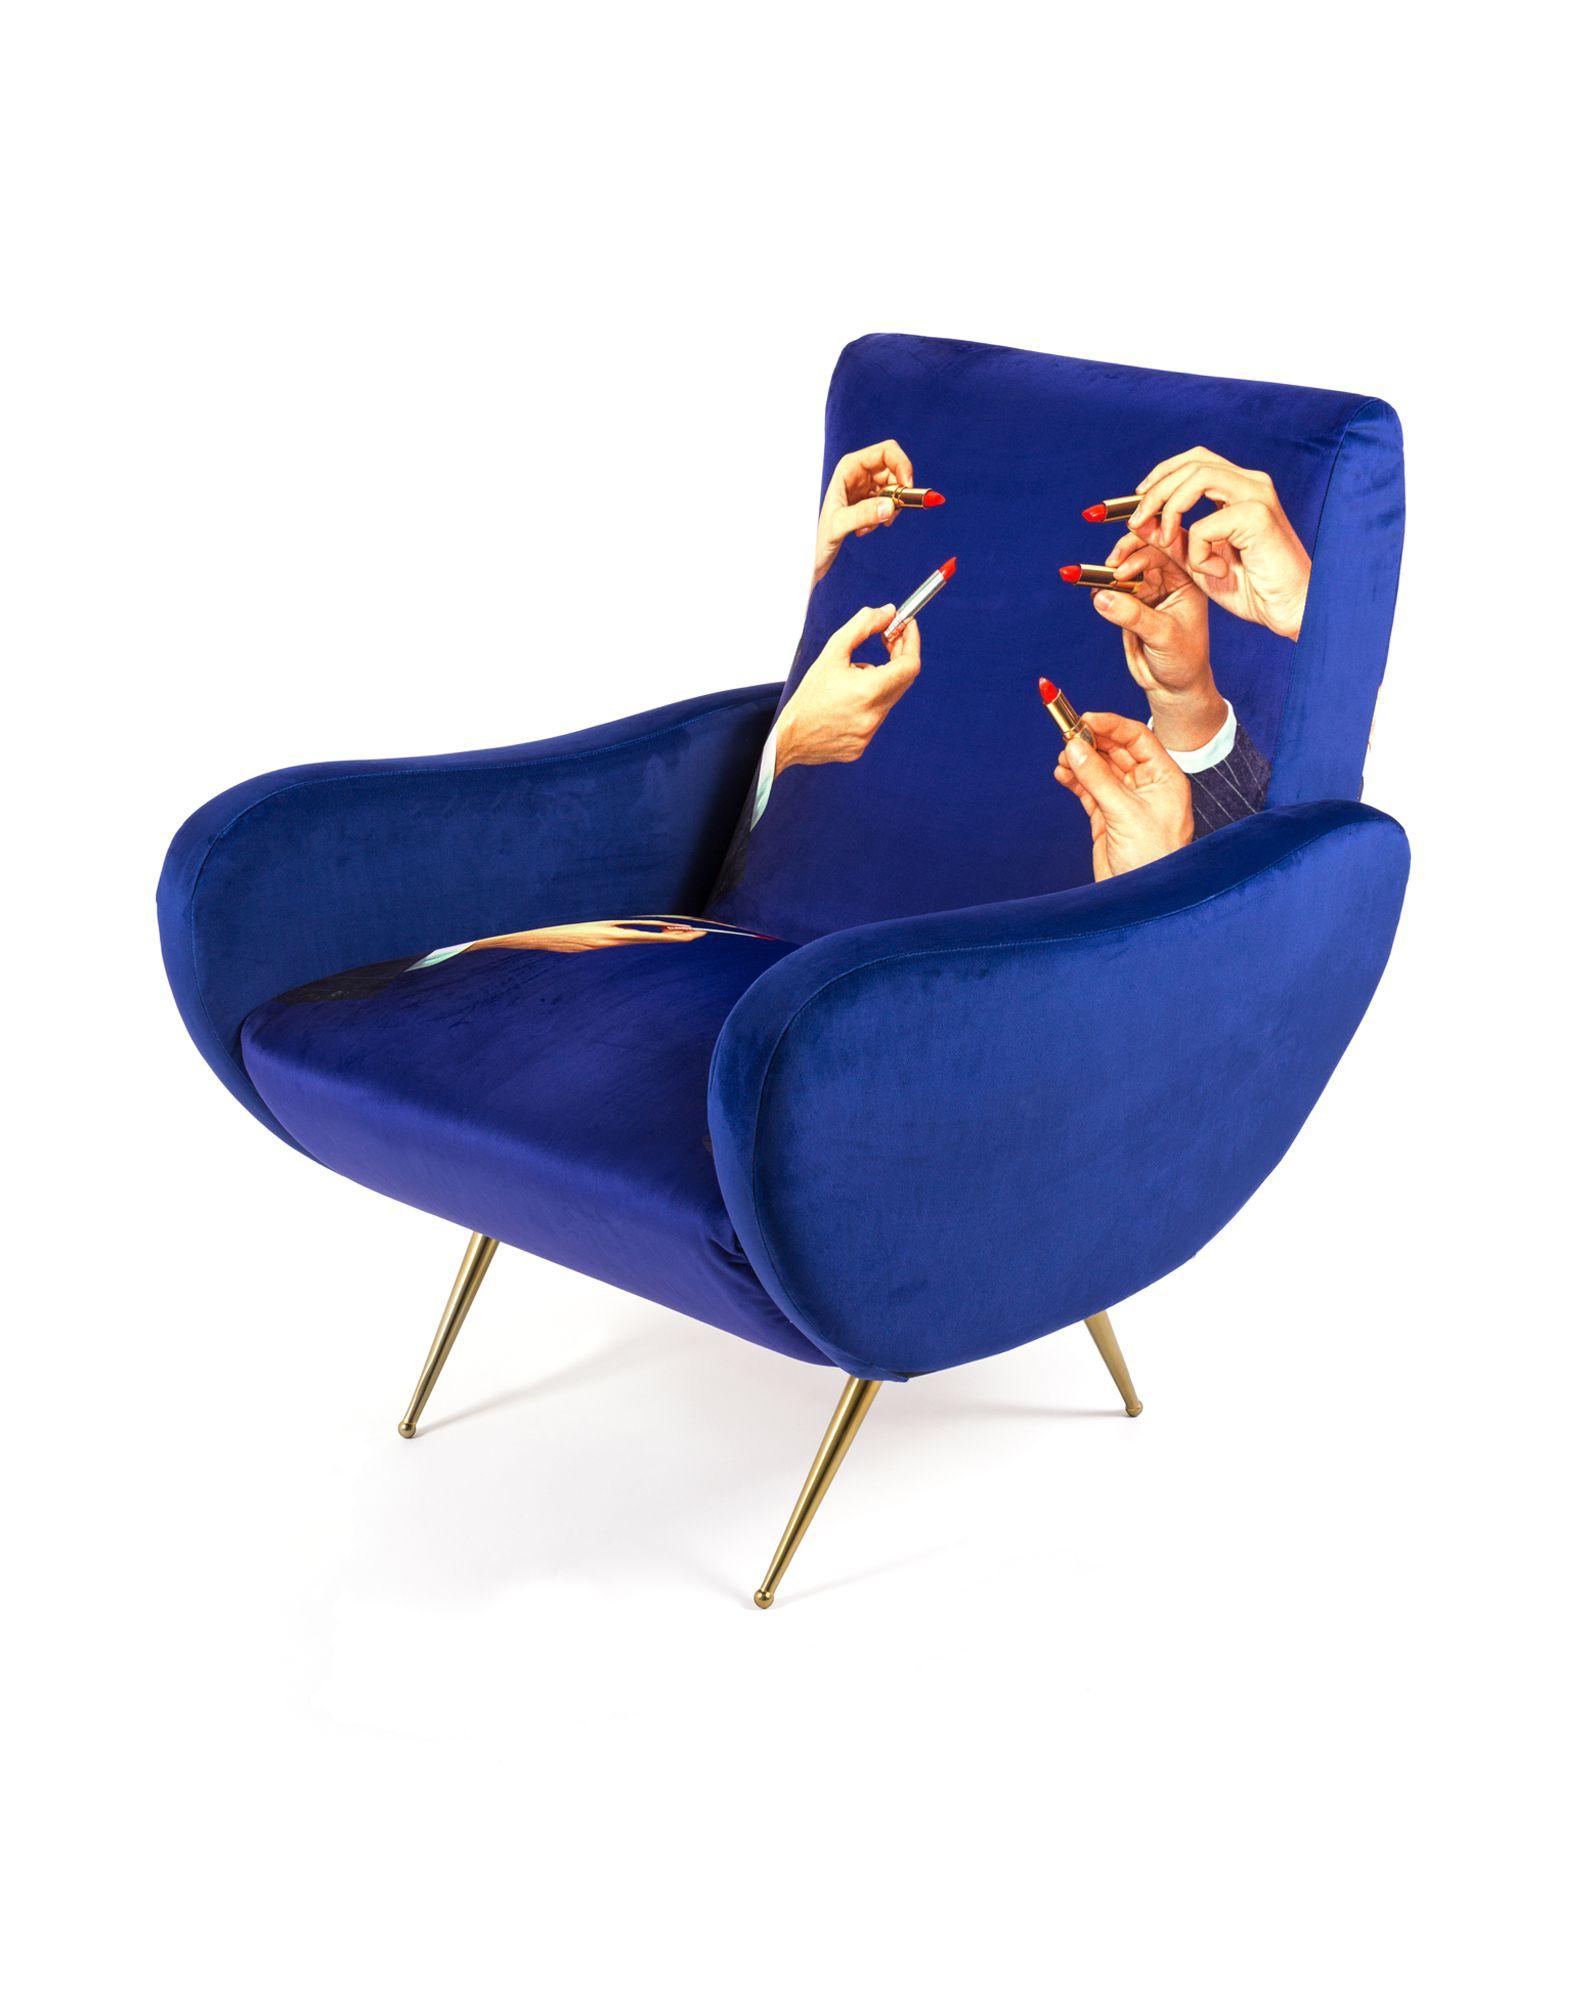 SELETTI WEARS TOILETPAPER Unisex Sessel Farbe Blau Größe 1 jetztbilligerkaufen